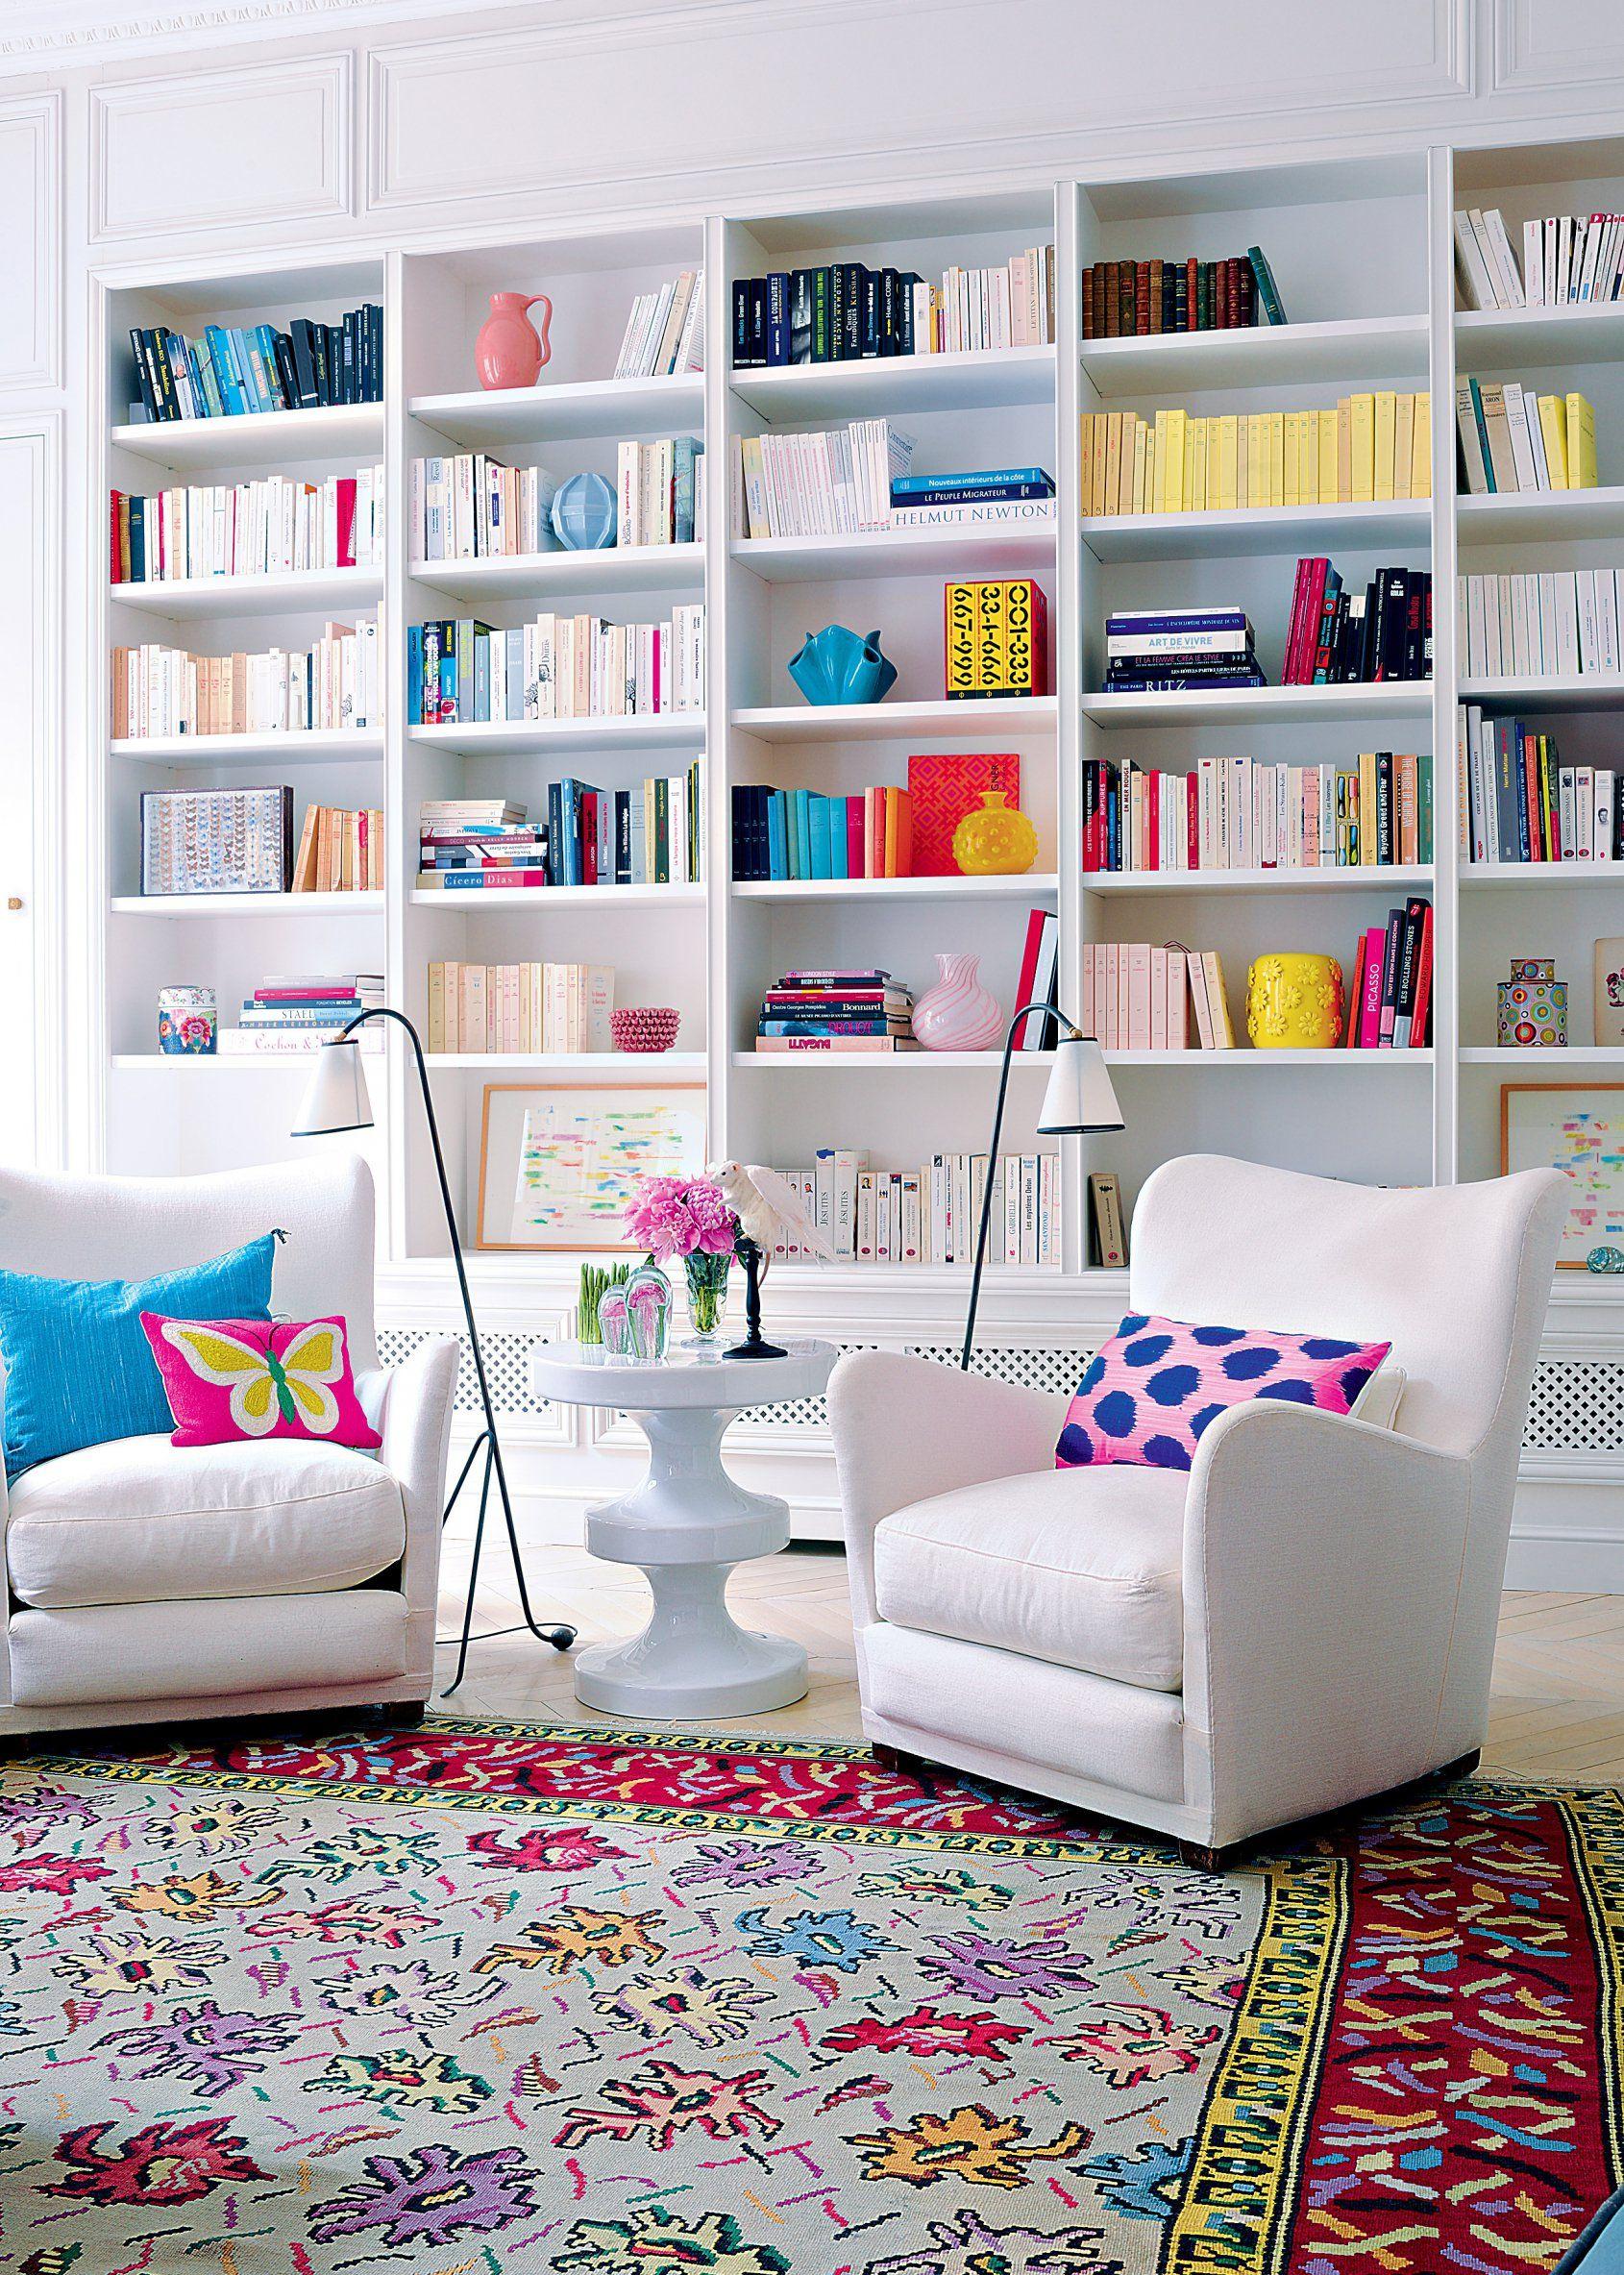 quelle couleur pour mon salon large fauteuil biblioth que murale et coin lecture. Black Bedroom Furniture Sets. Home Design Ideas